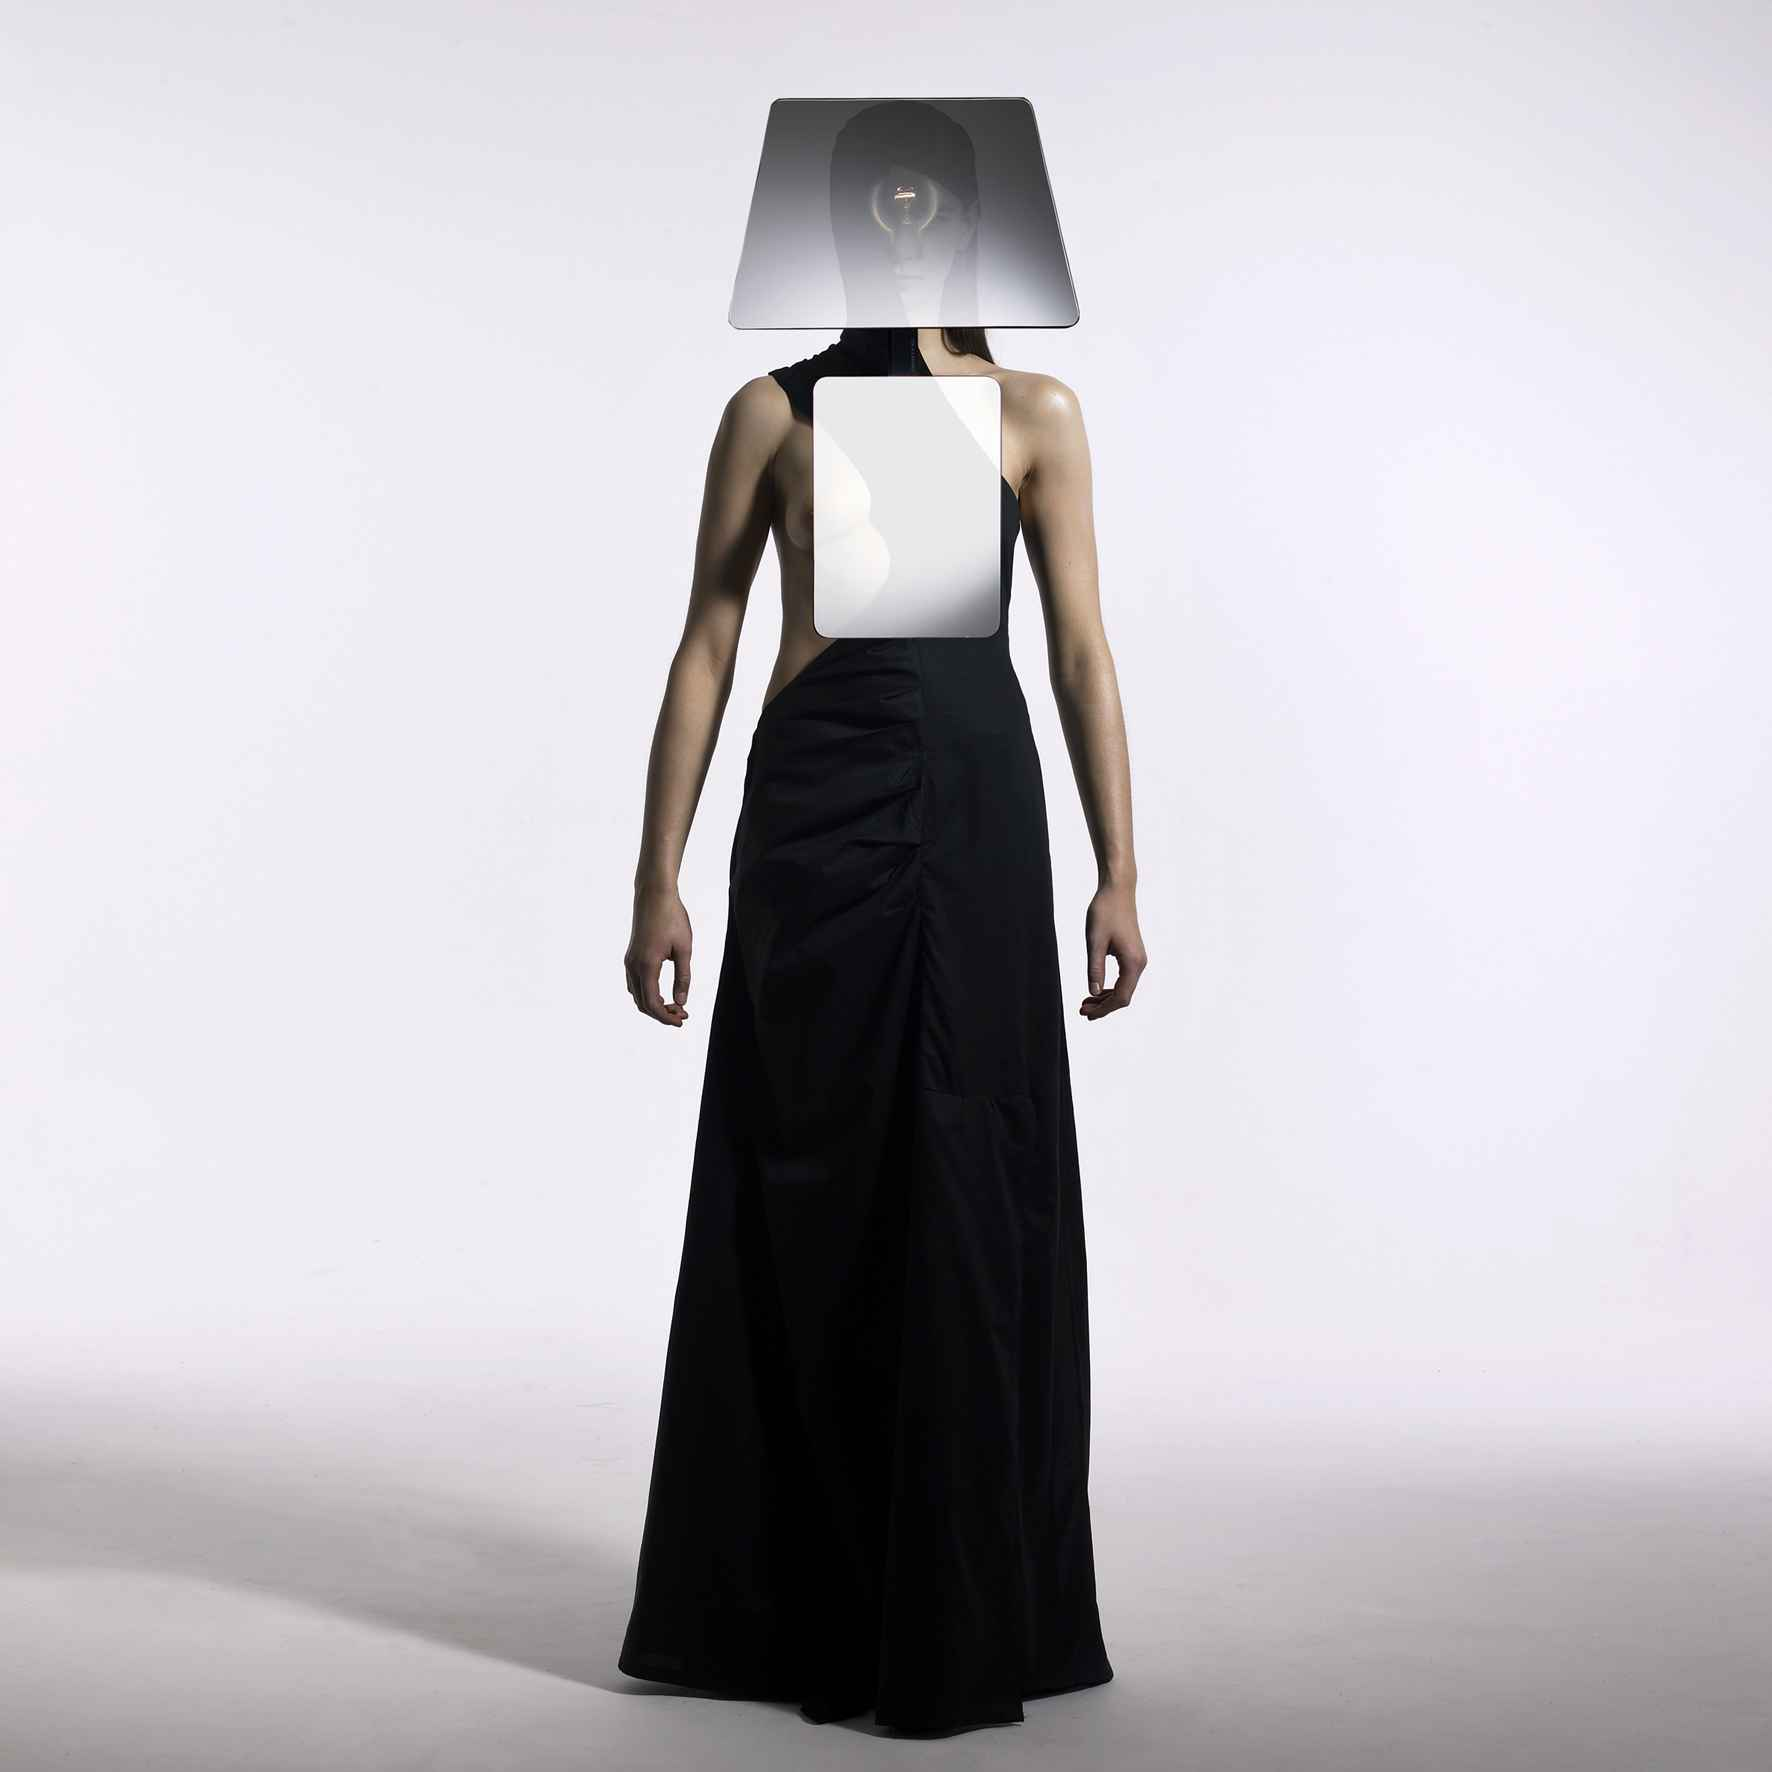 'Miroir d'apparence', do light designer belga Nicolas Destino, une moda e design de objetos